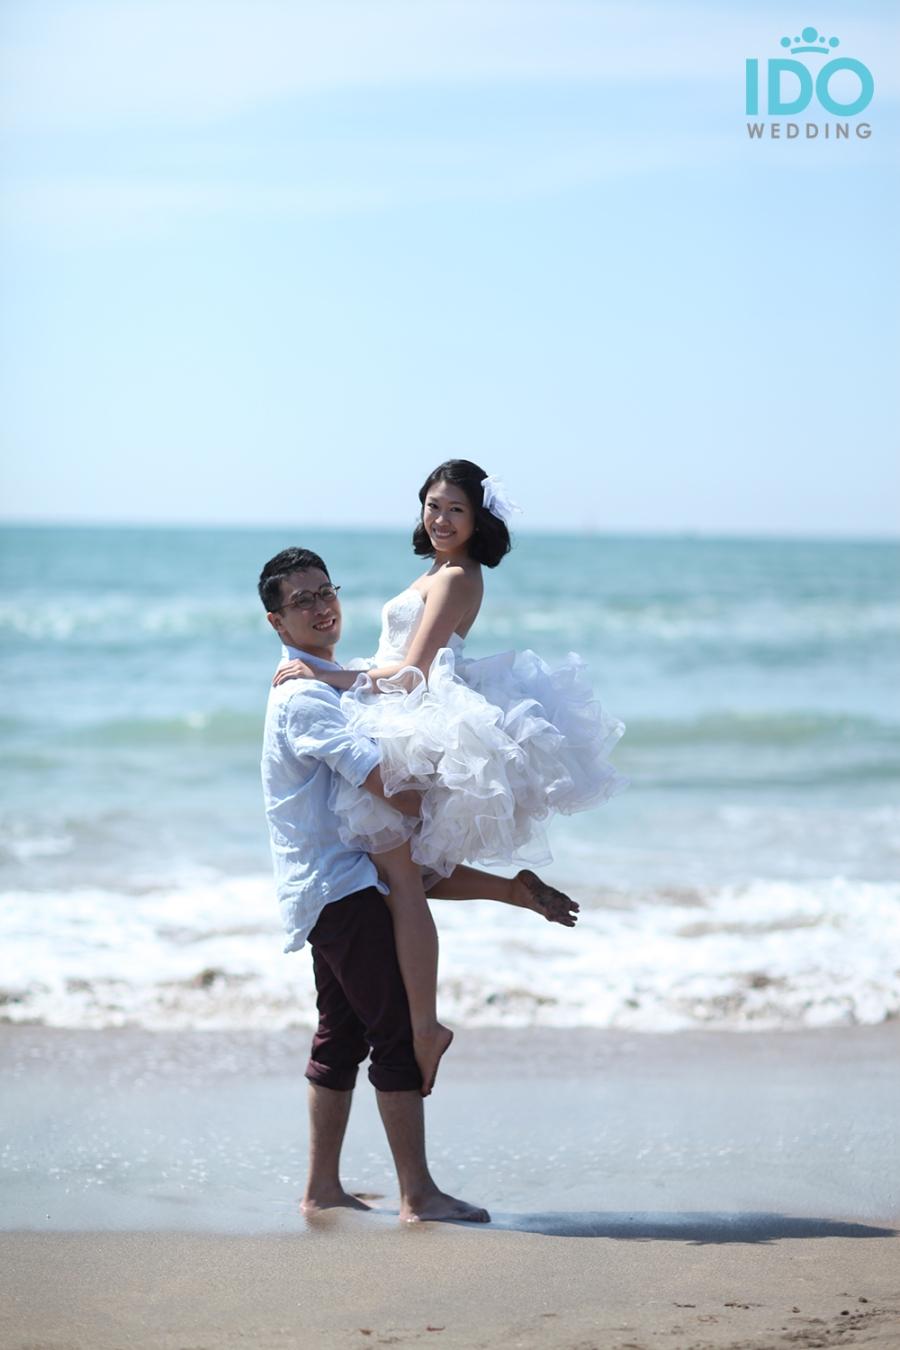 koreanweddingphotography_IMG_5948 copy